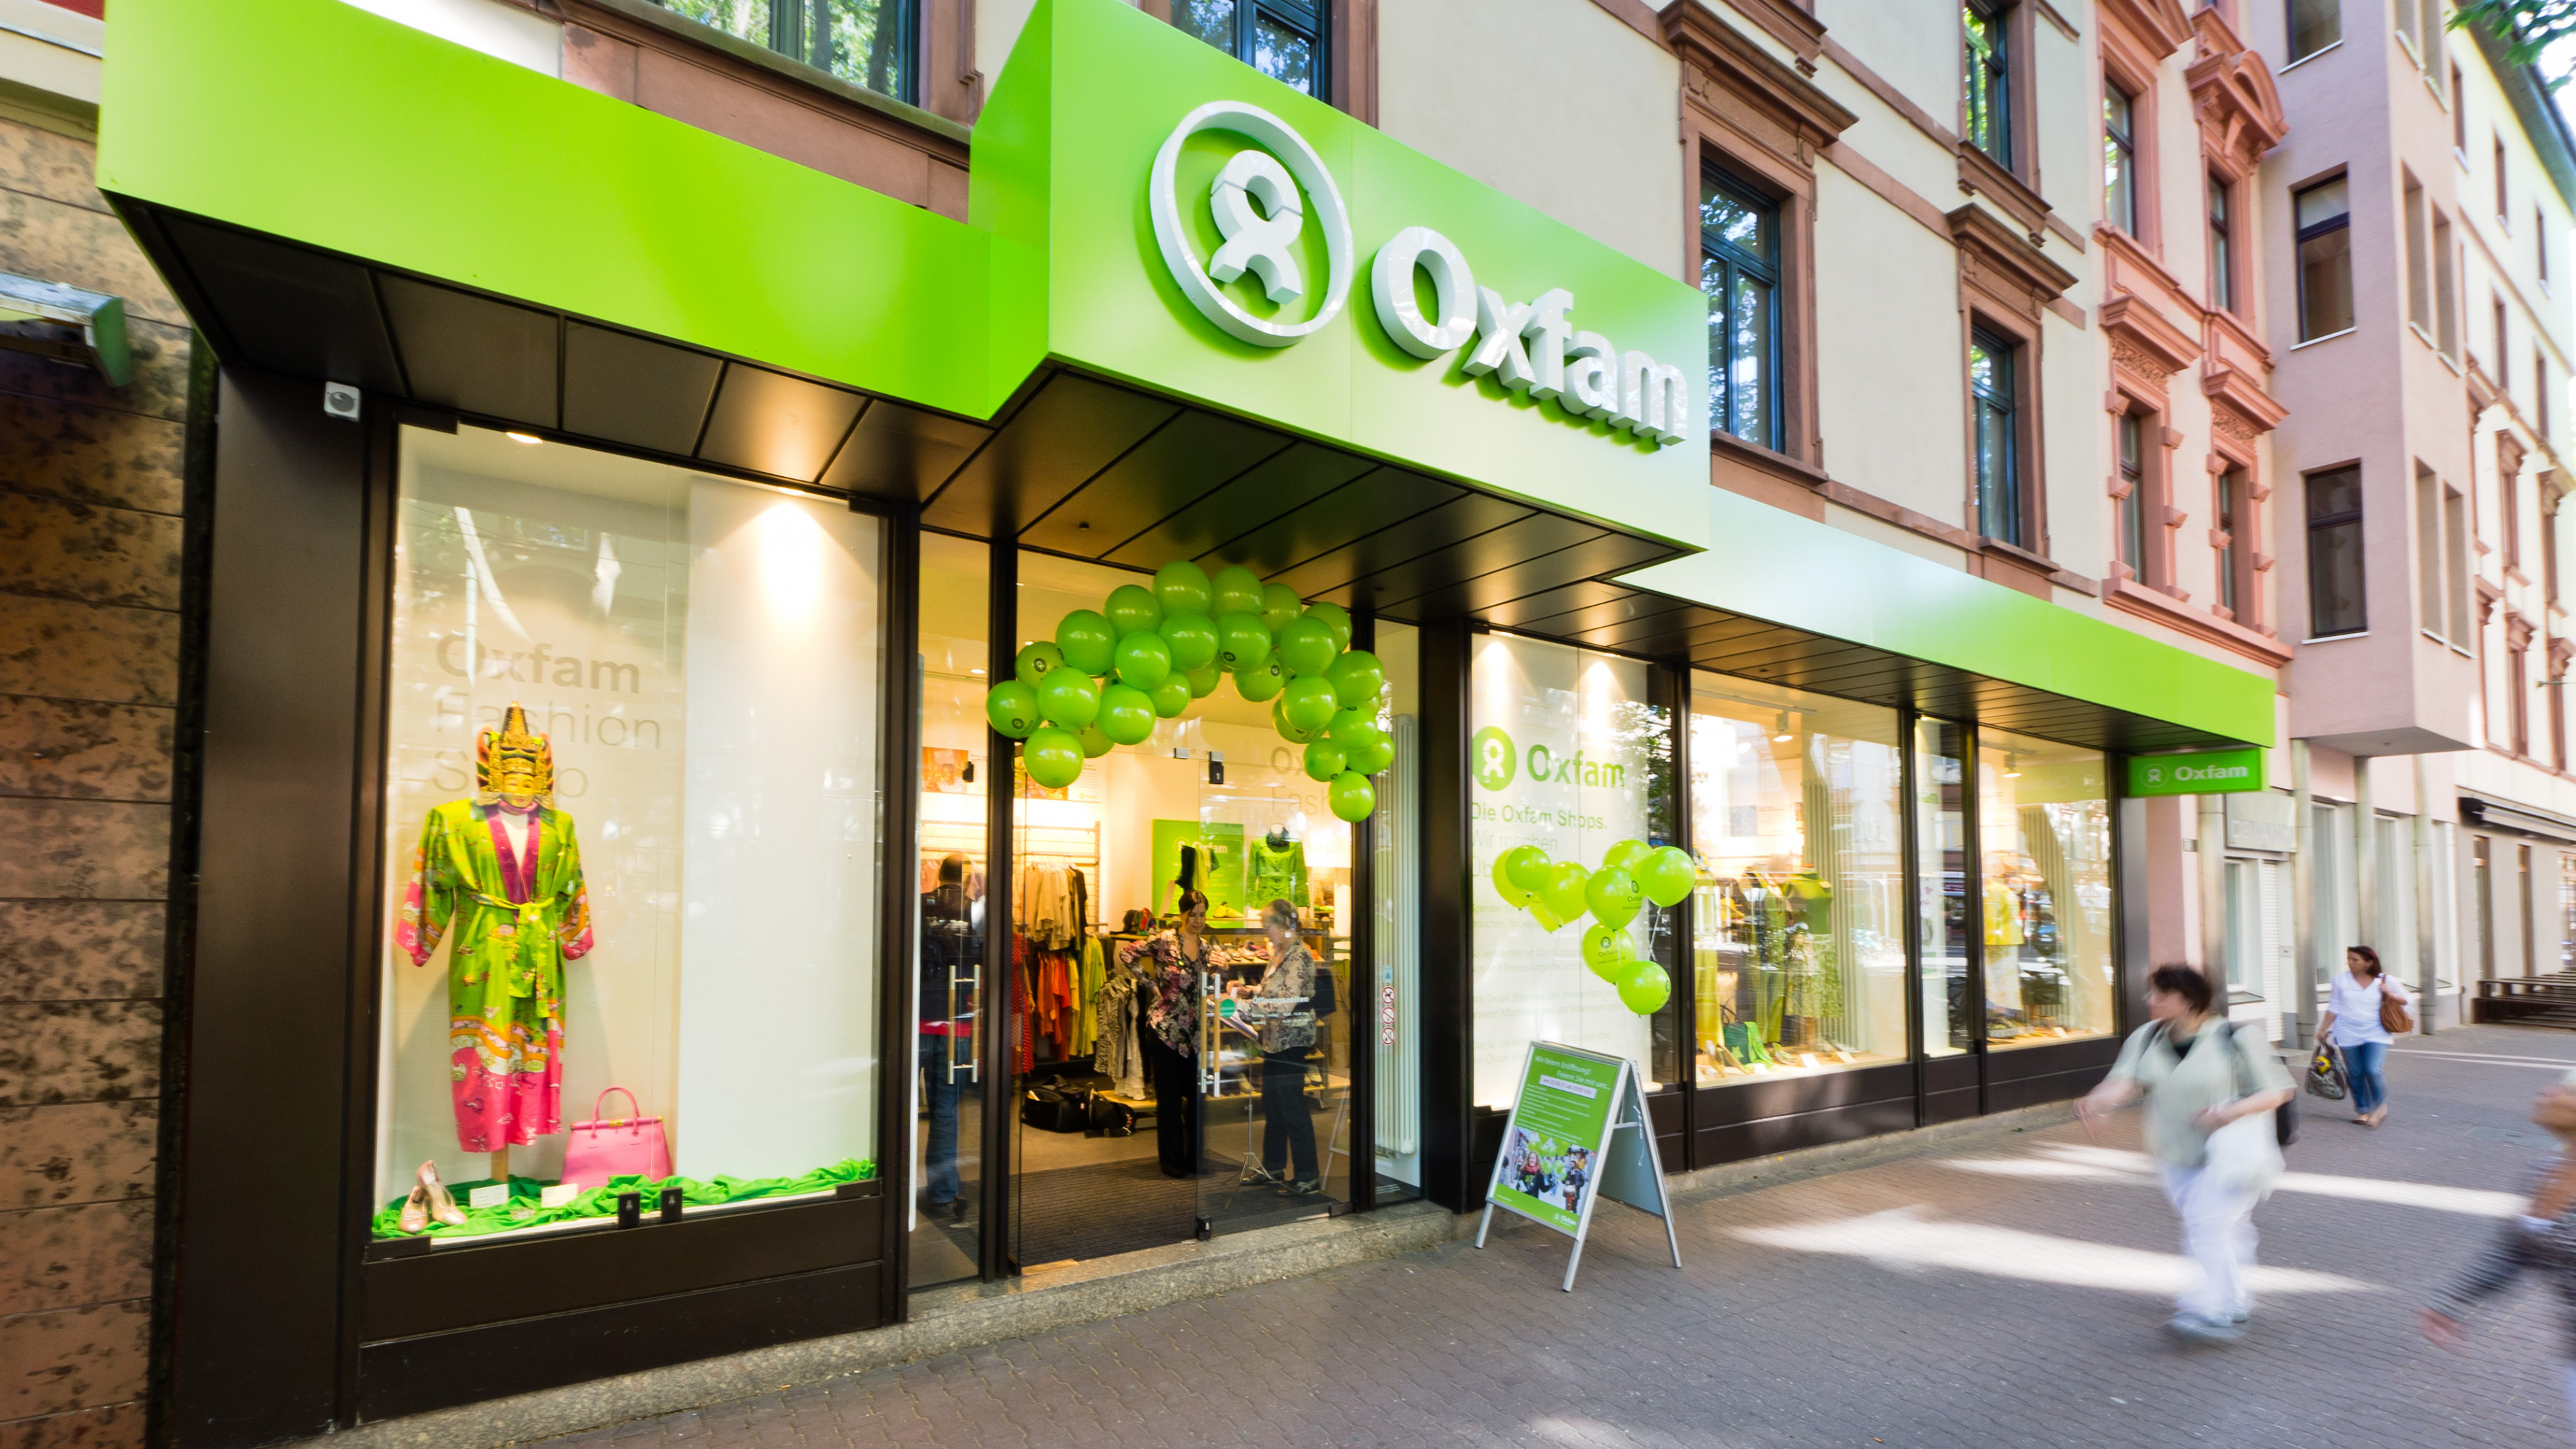 Oxfam Fashionshop Frankfurt-Sachsenhausen - Außenansicht